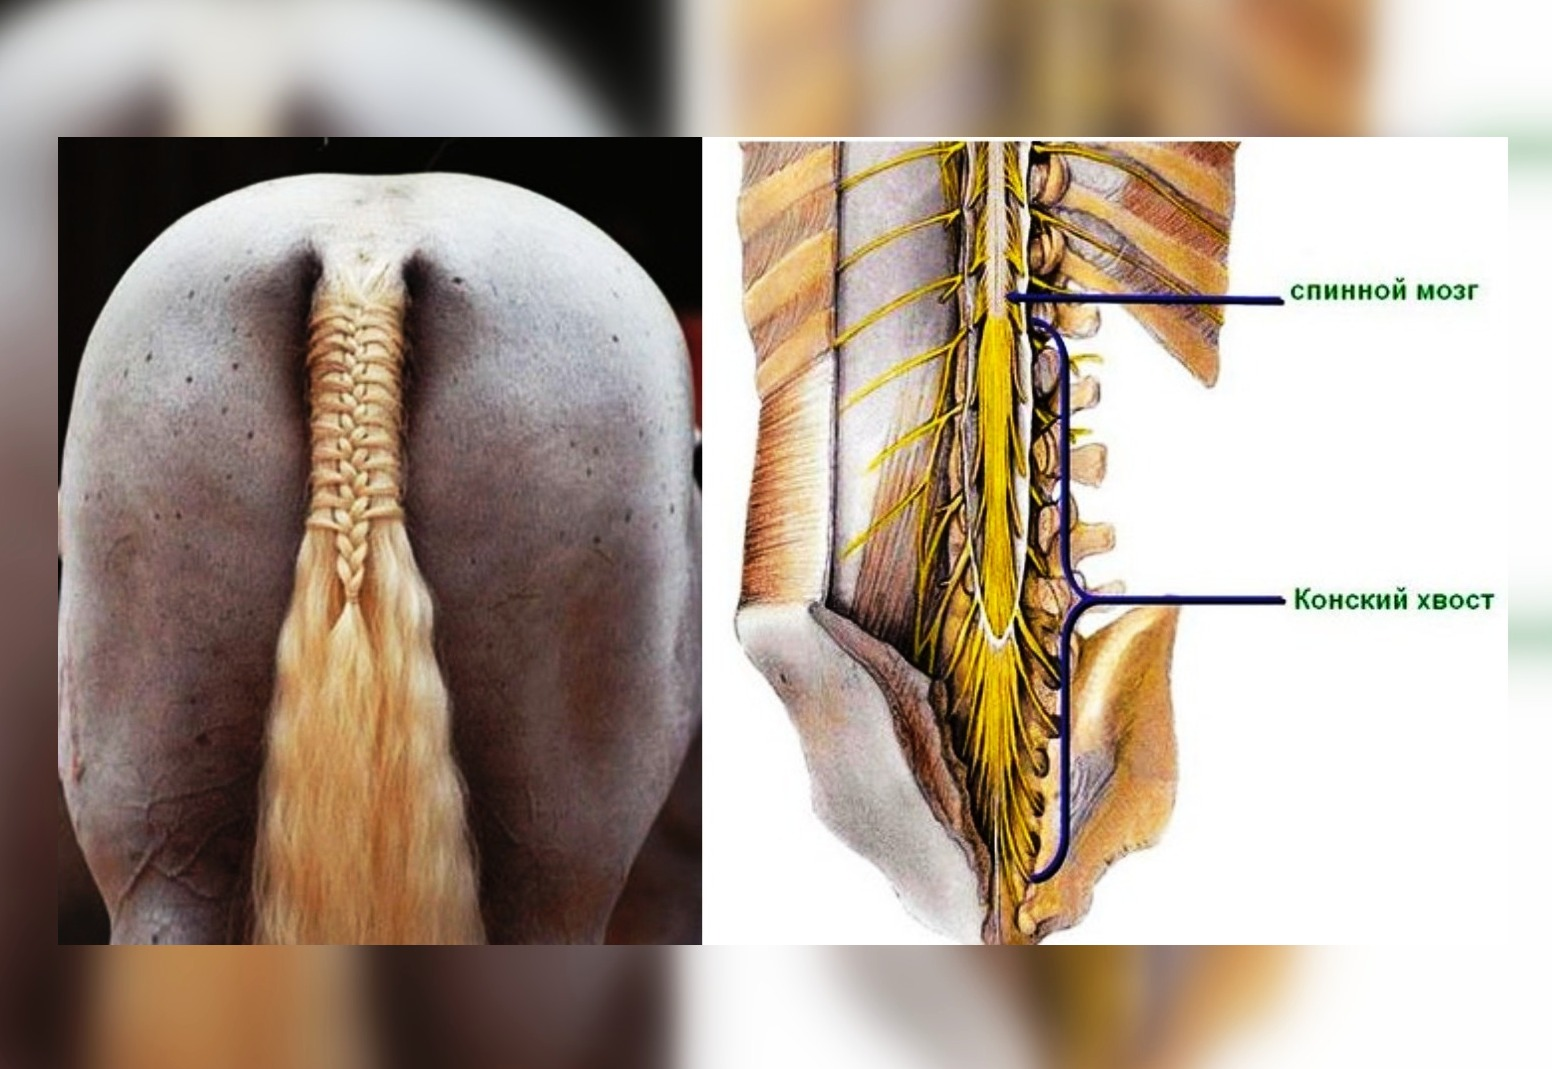 Синдром конского хвоста: симптомы и лечение